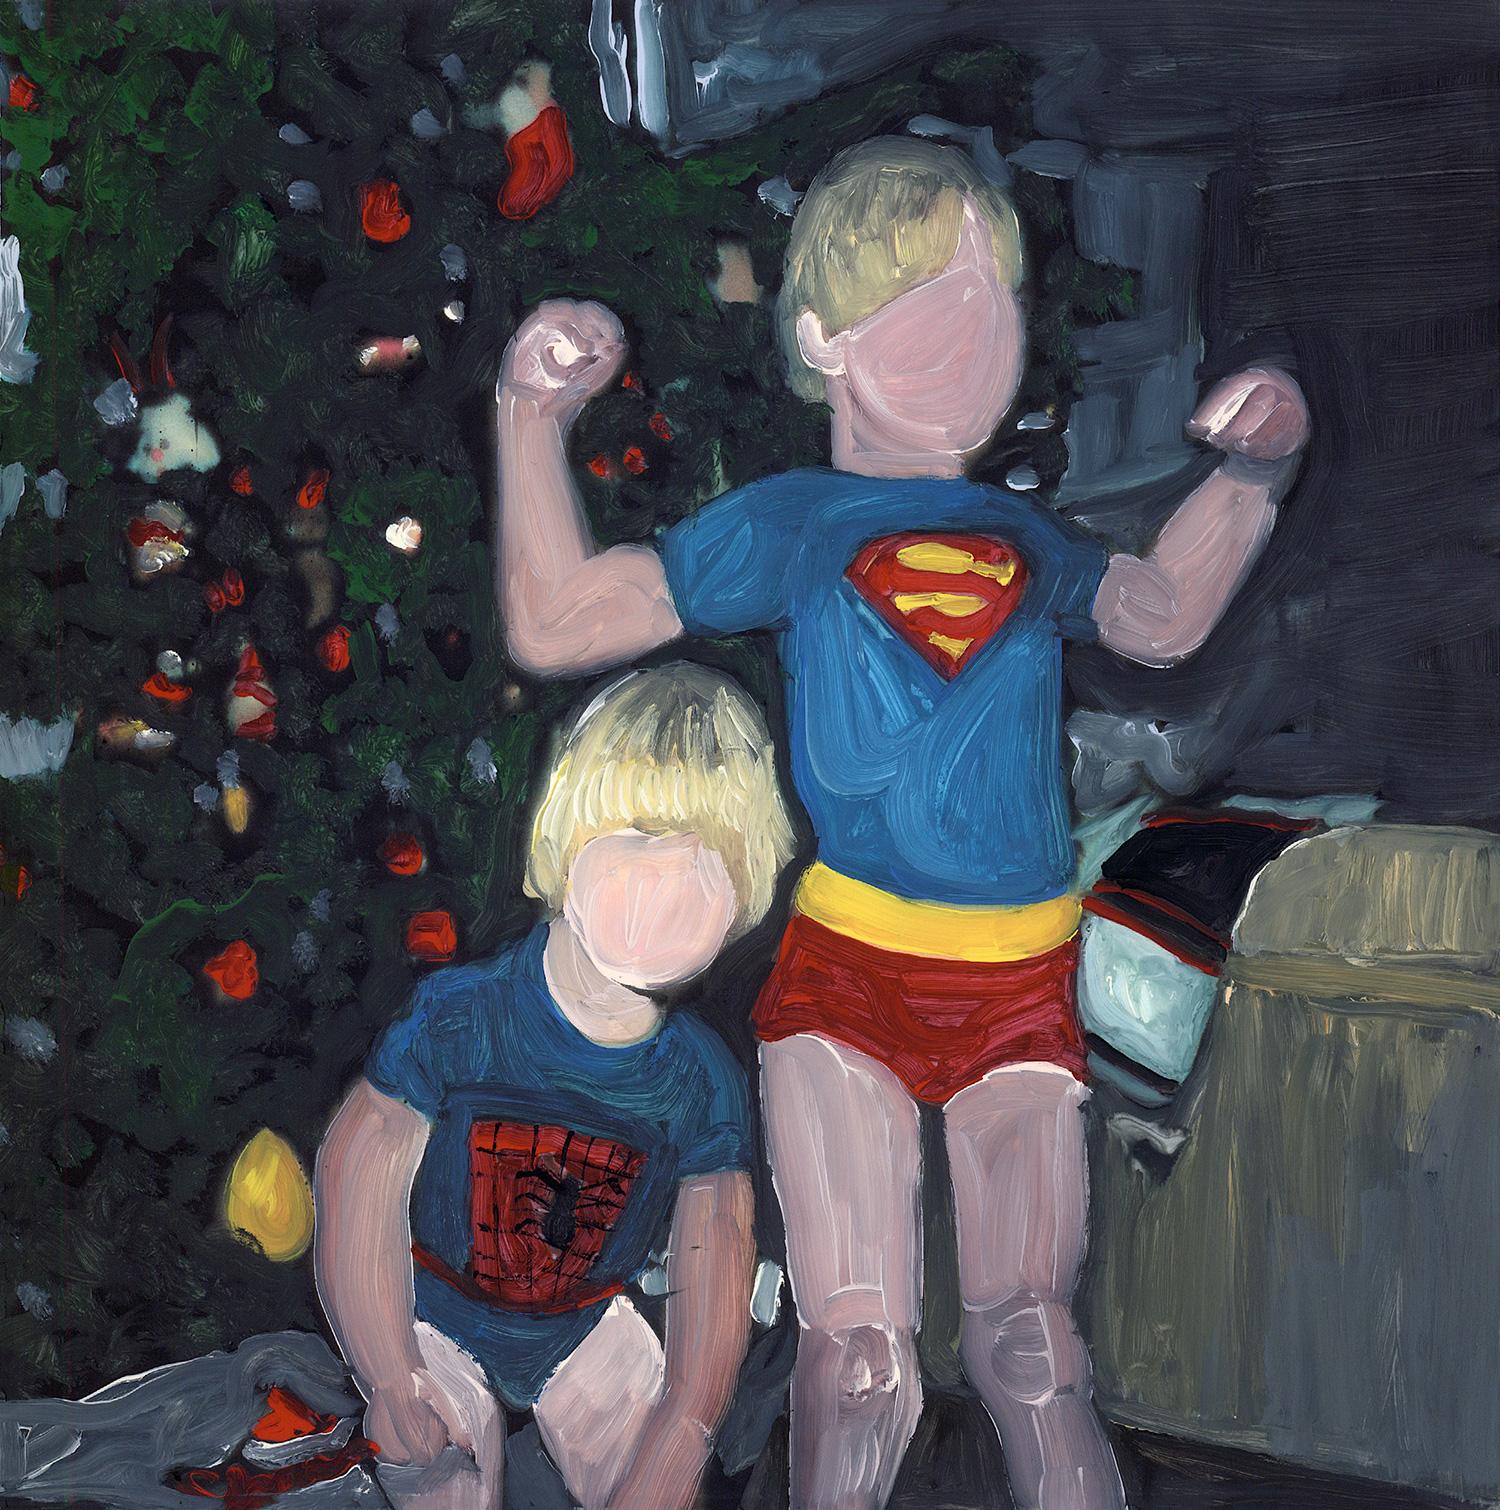 superhereos on christmas morning